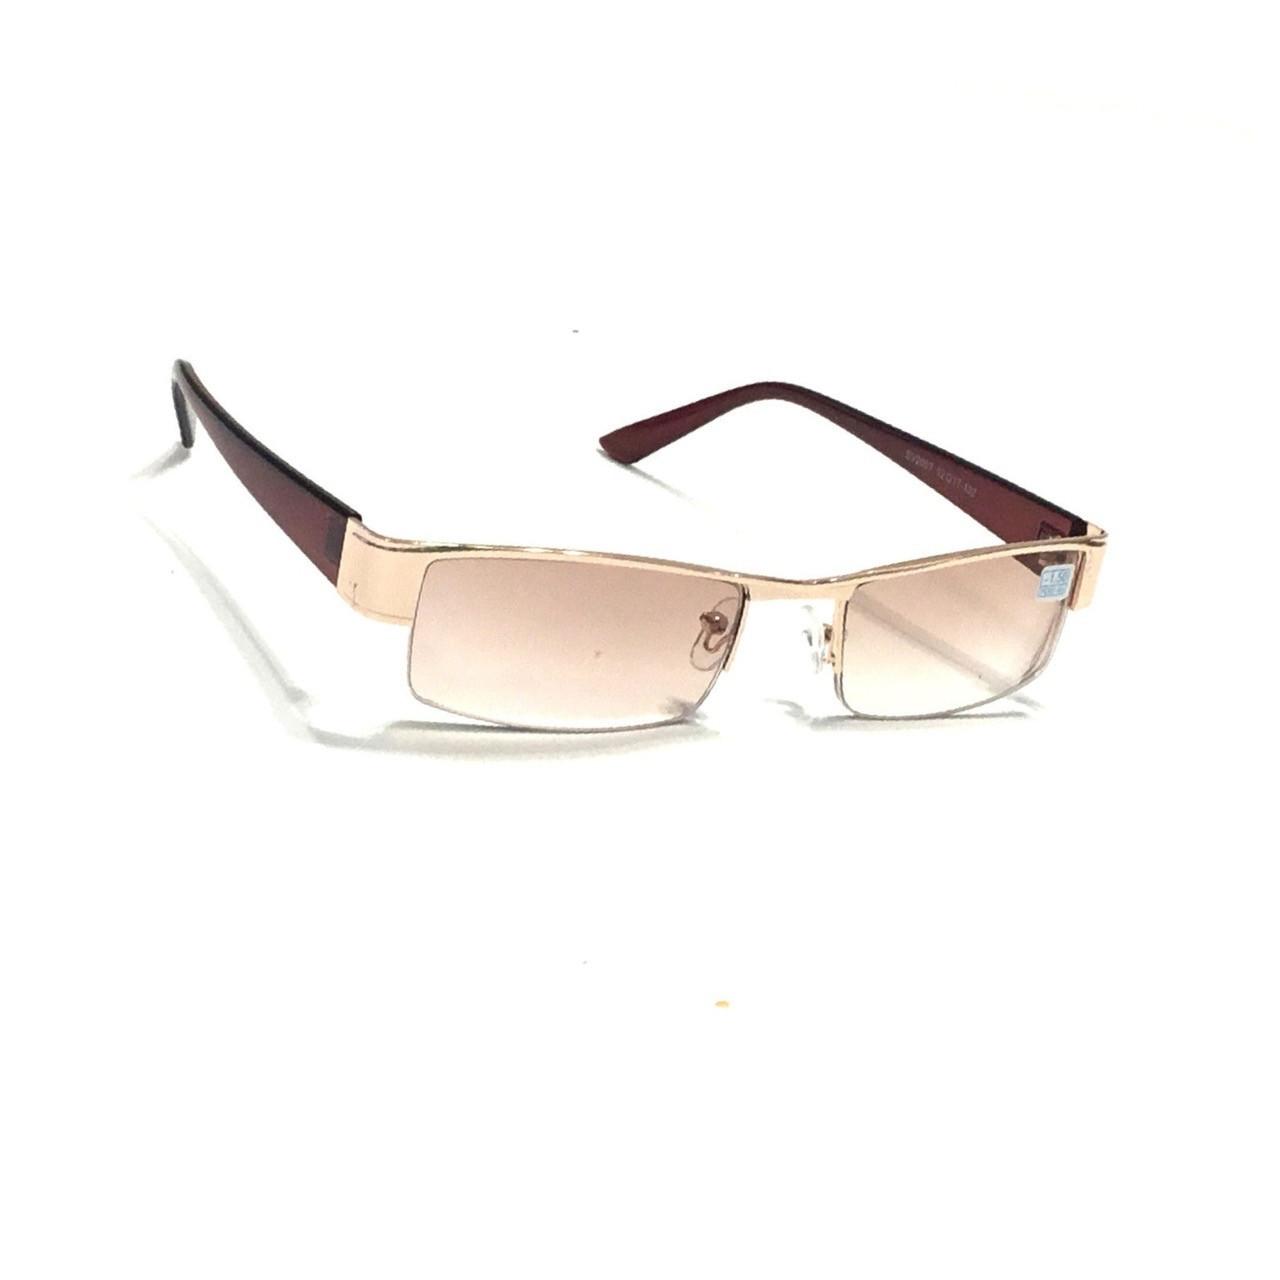 Полуоправные очки с тонированной линзой